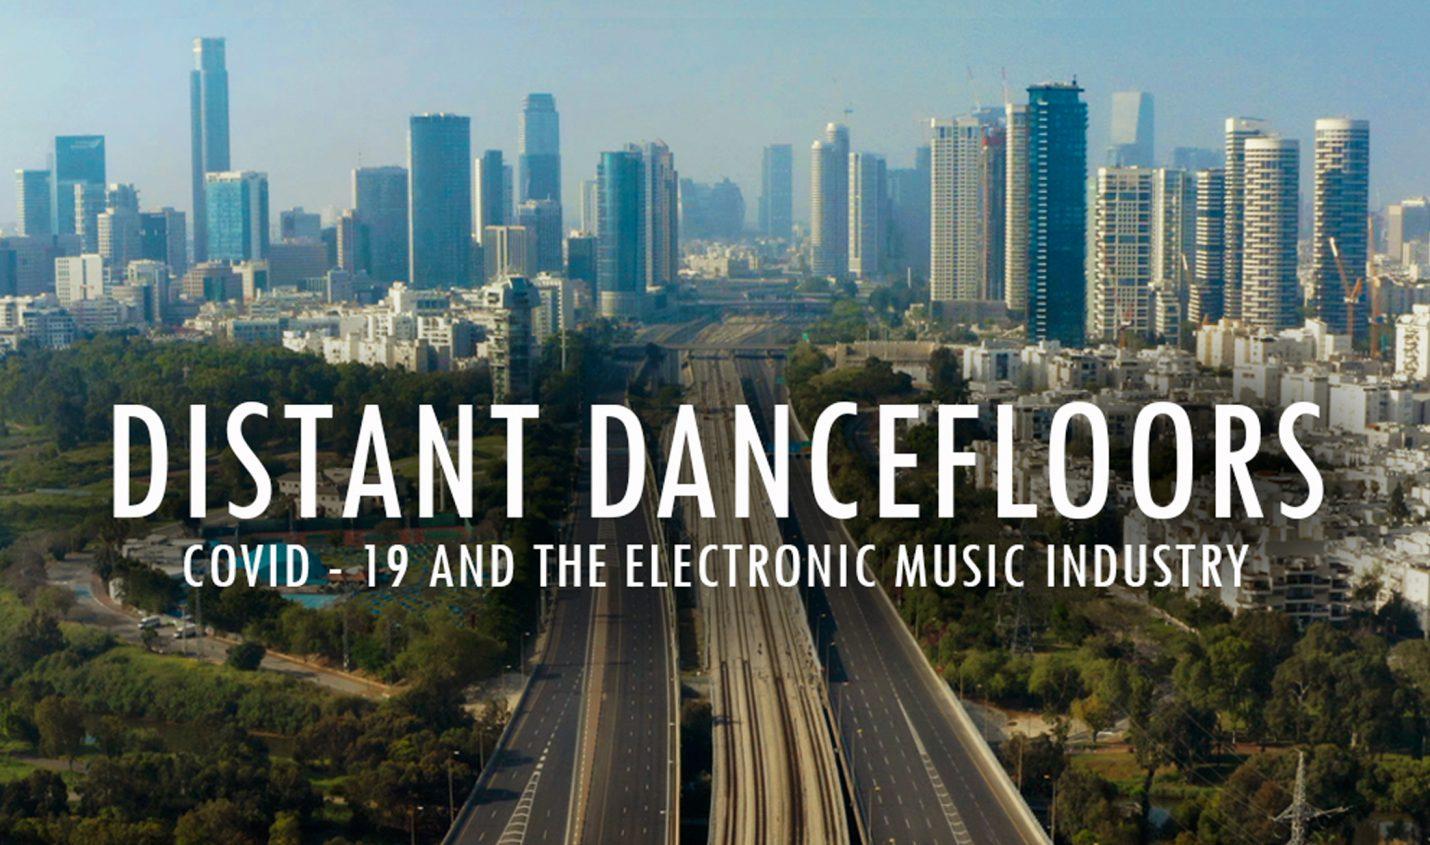 Distant Dancefloors: Doku über COVID-19 und elektronische Musik